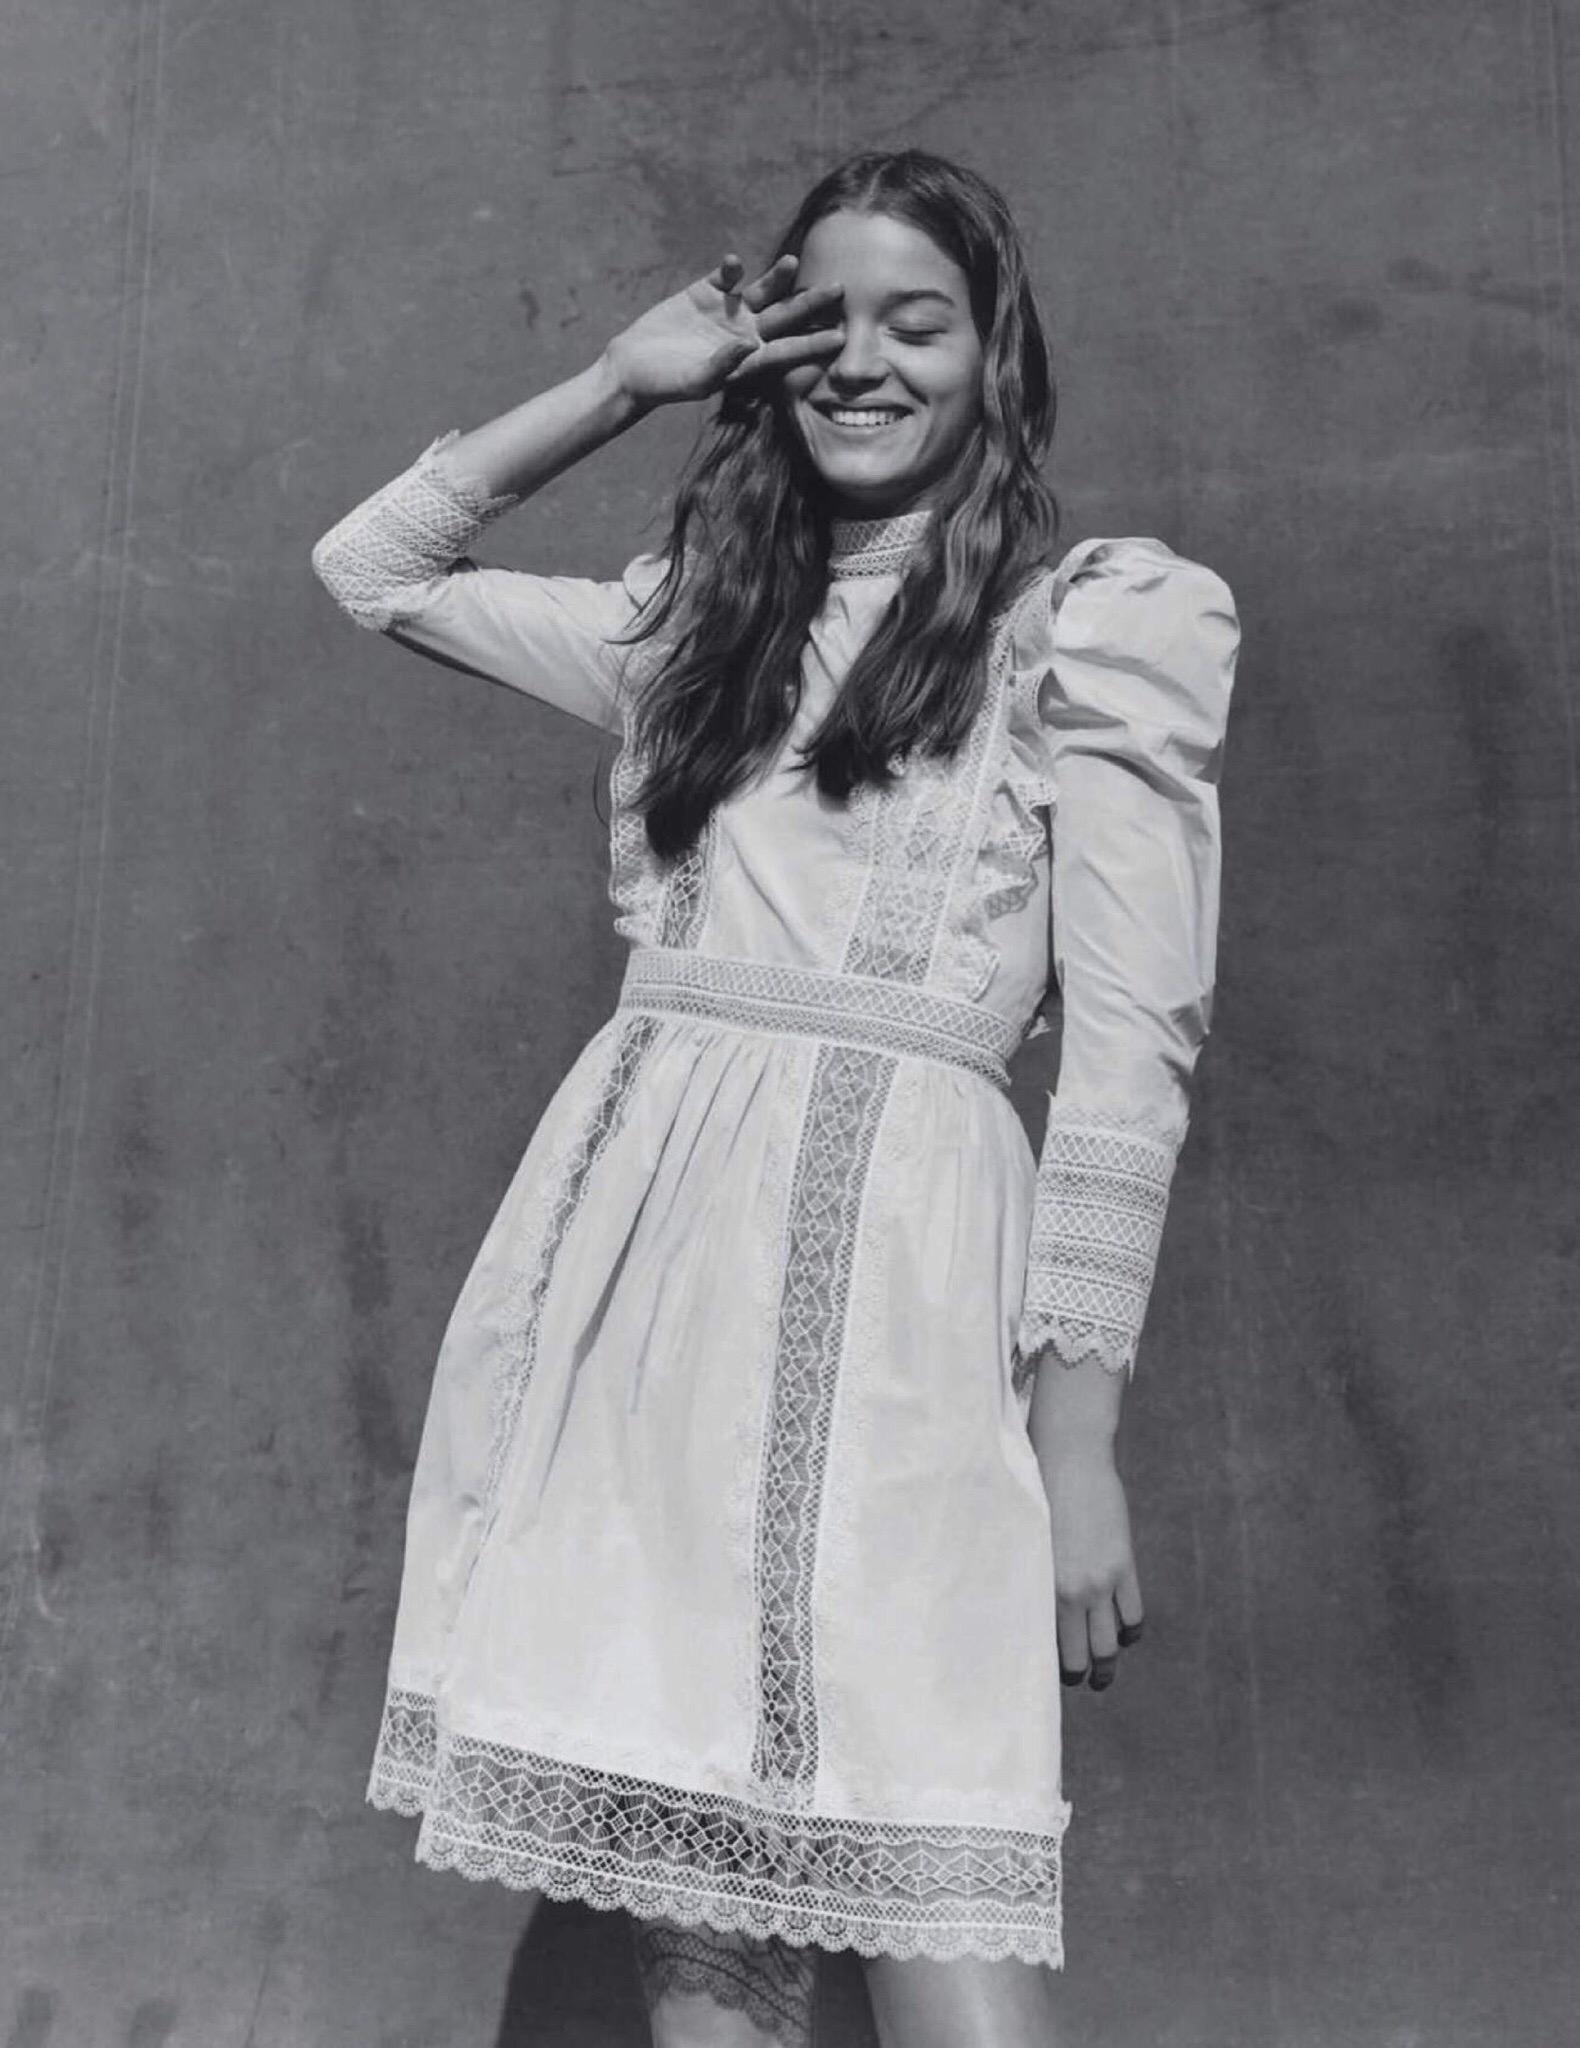 Laurijn Bijnen by Ben Weller for Vogue Spain